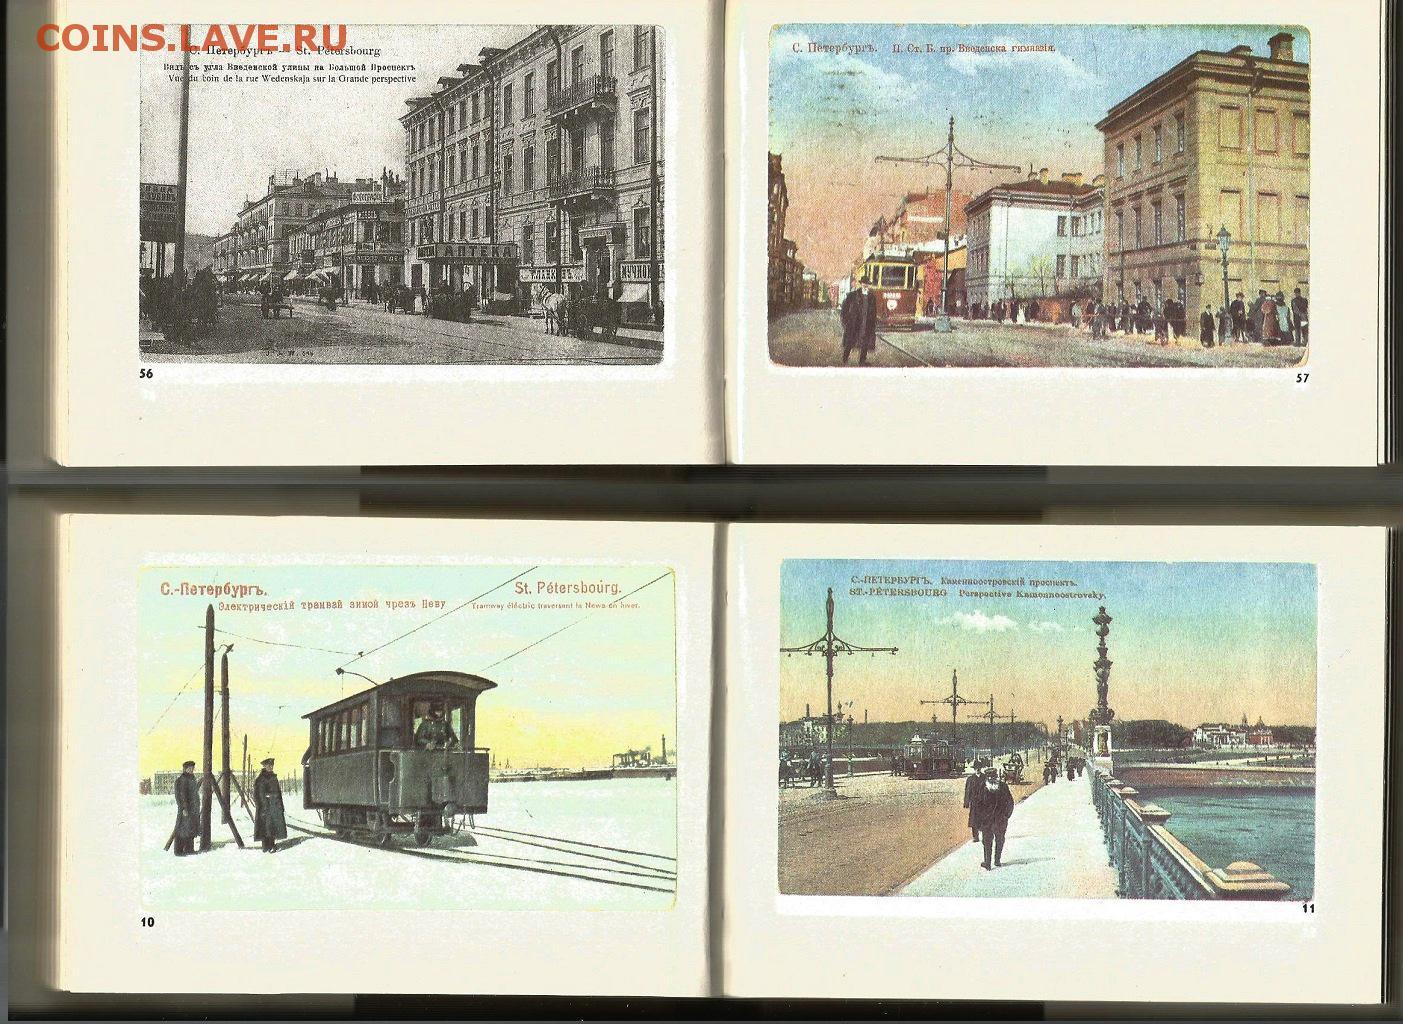 Дизайнер унитаз, покупка старых открыток в спб